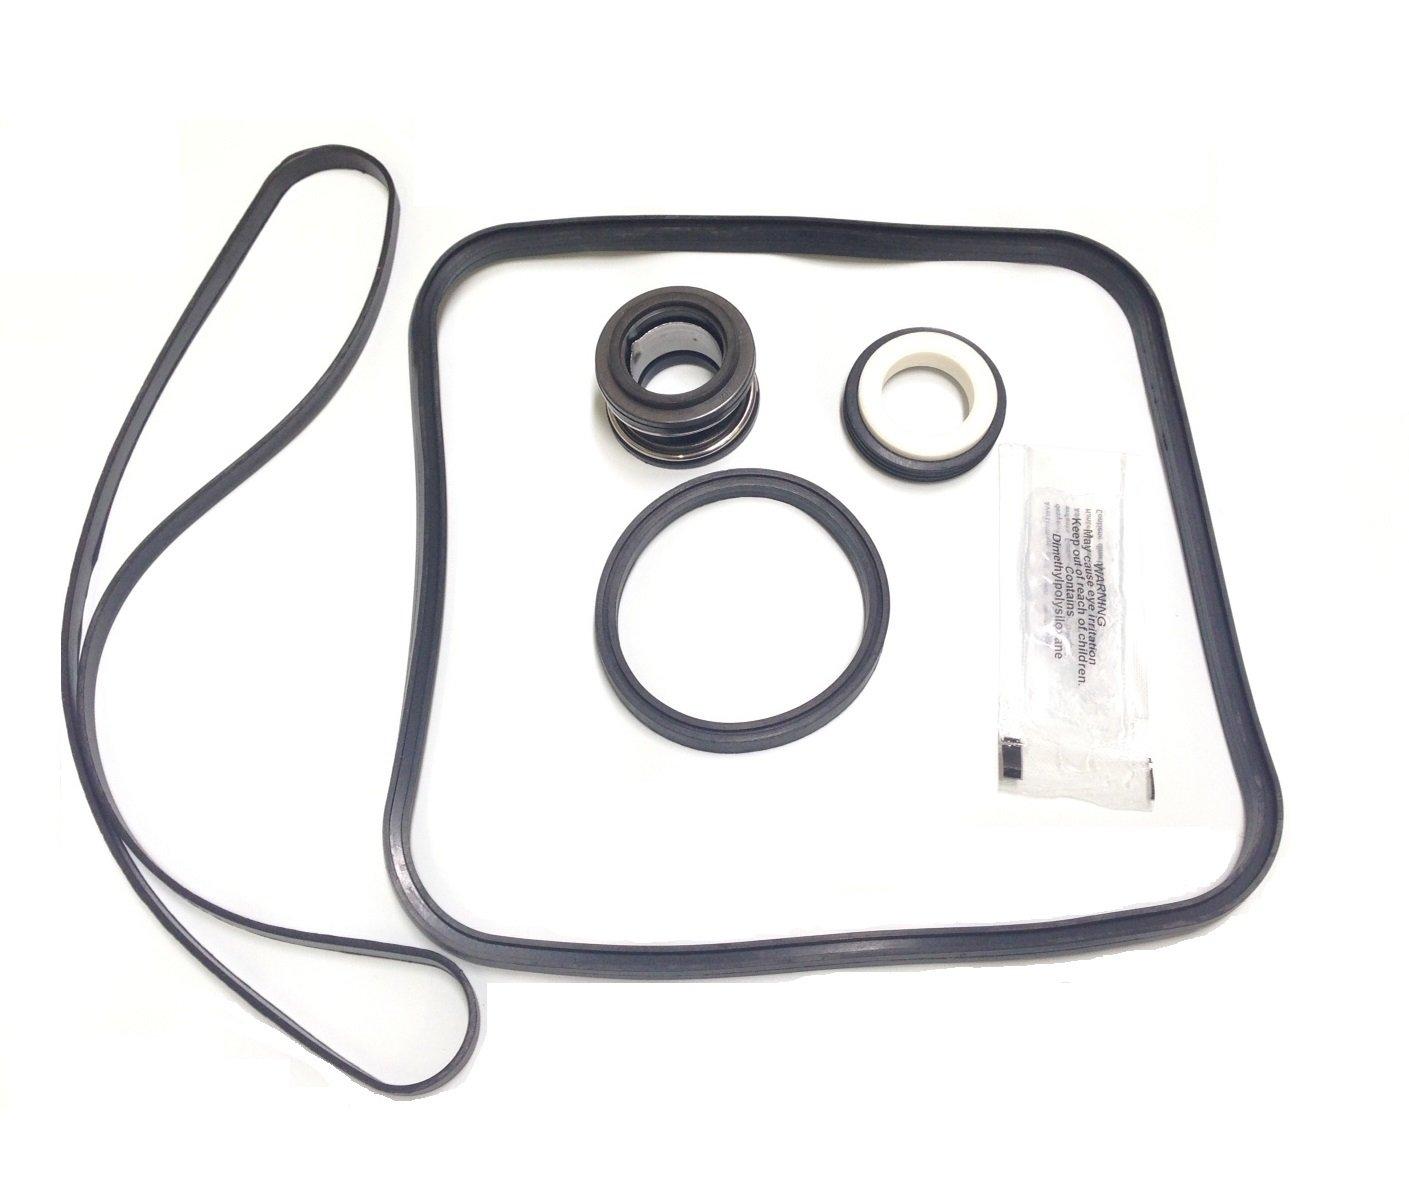 Pool Pump Gasket Seal O-ring Repair Kit For Hayward Super Pump SP2600, 1600, 2600X Kit 3